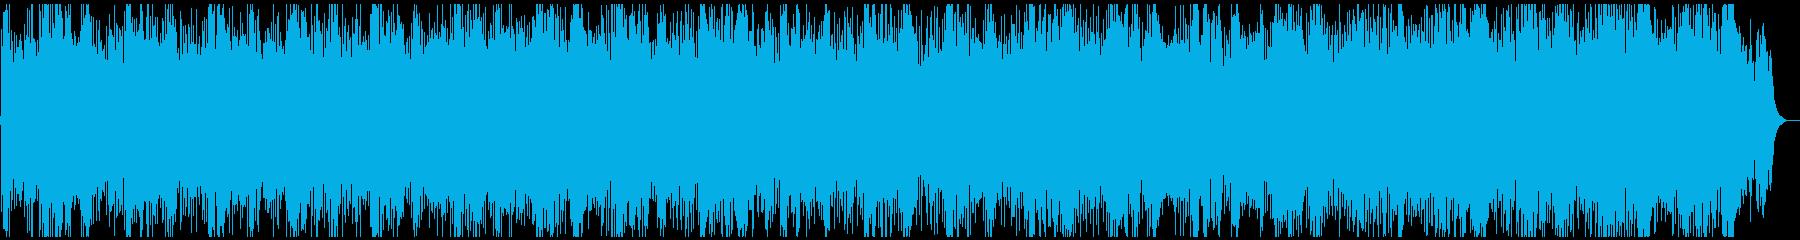 ゆったりとしたニューエイジ風のカノンの再生済みの波形